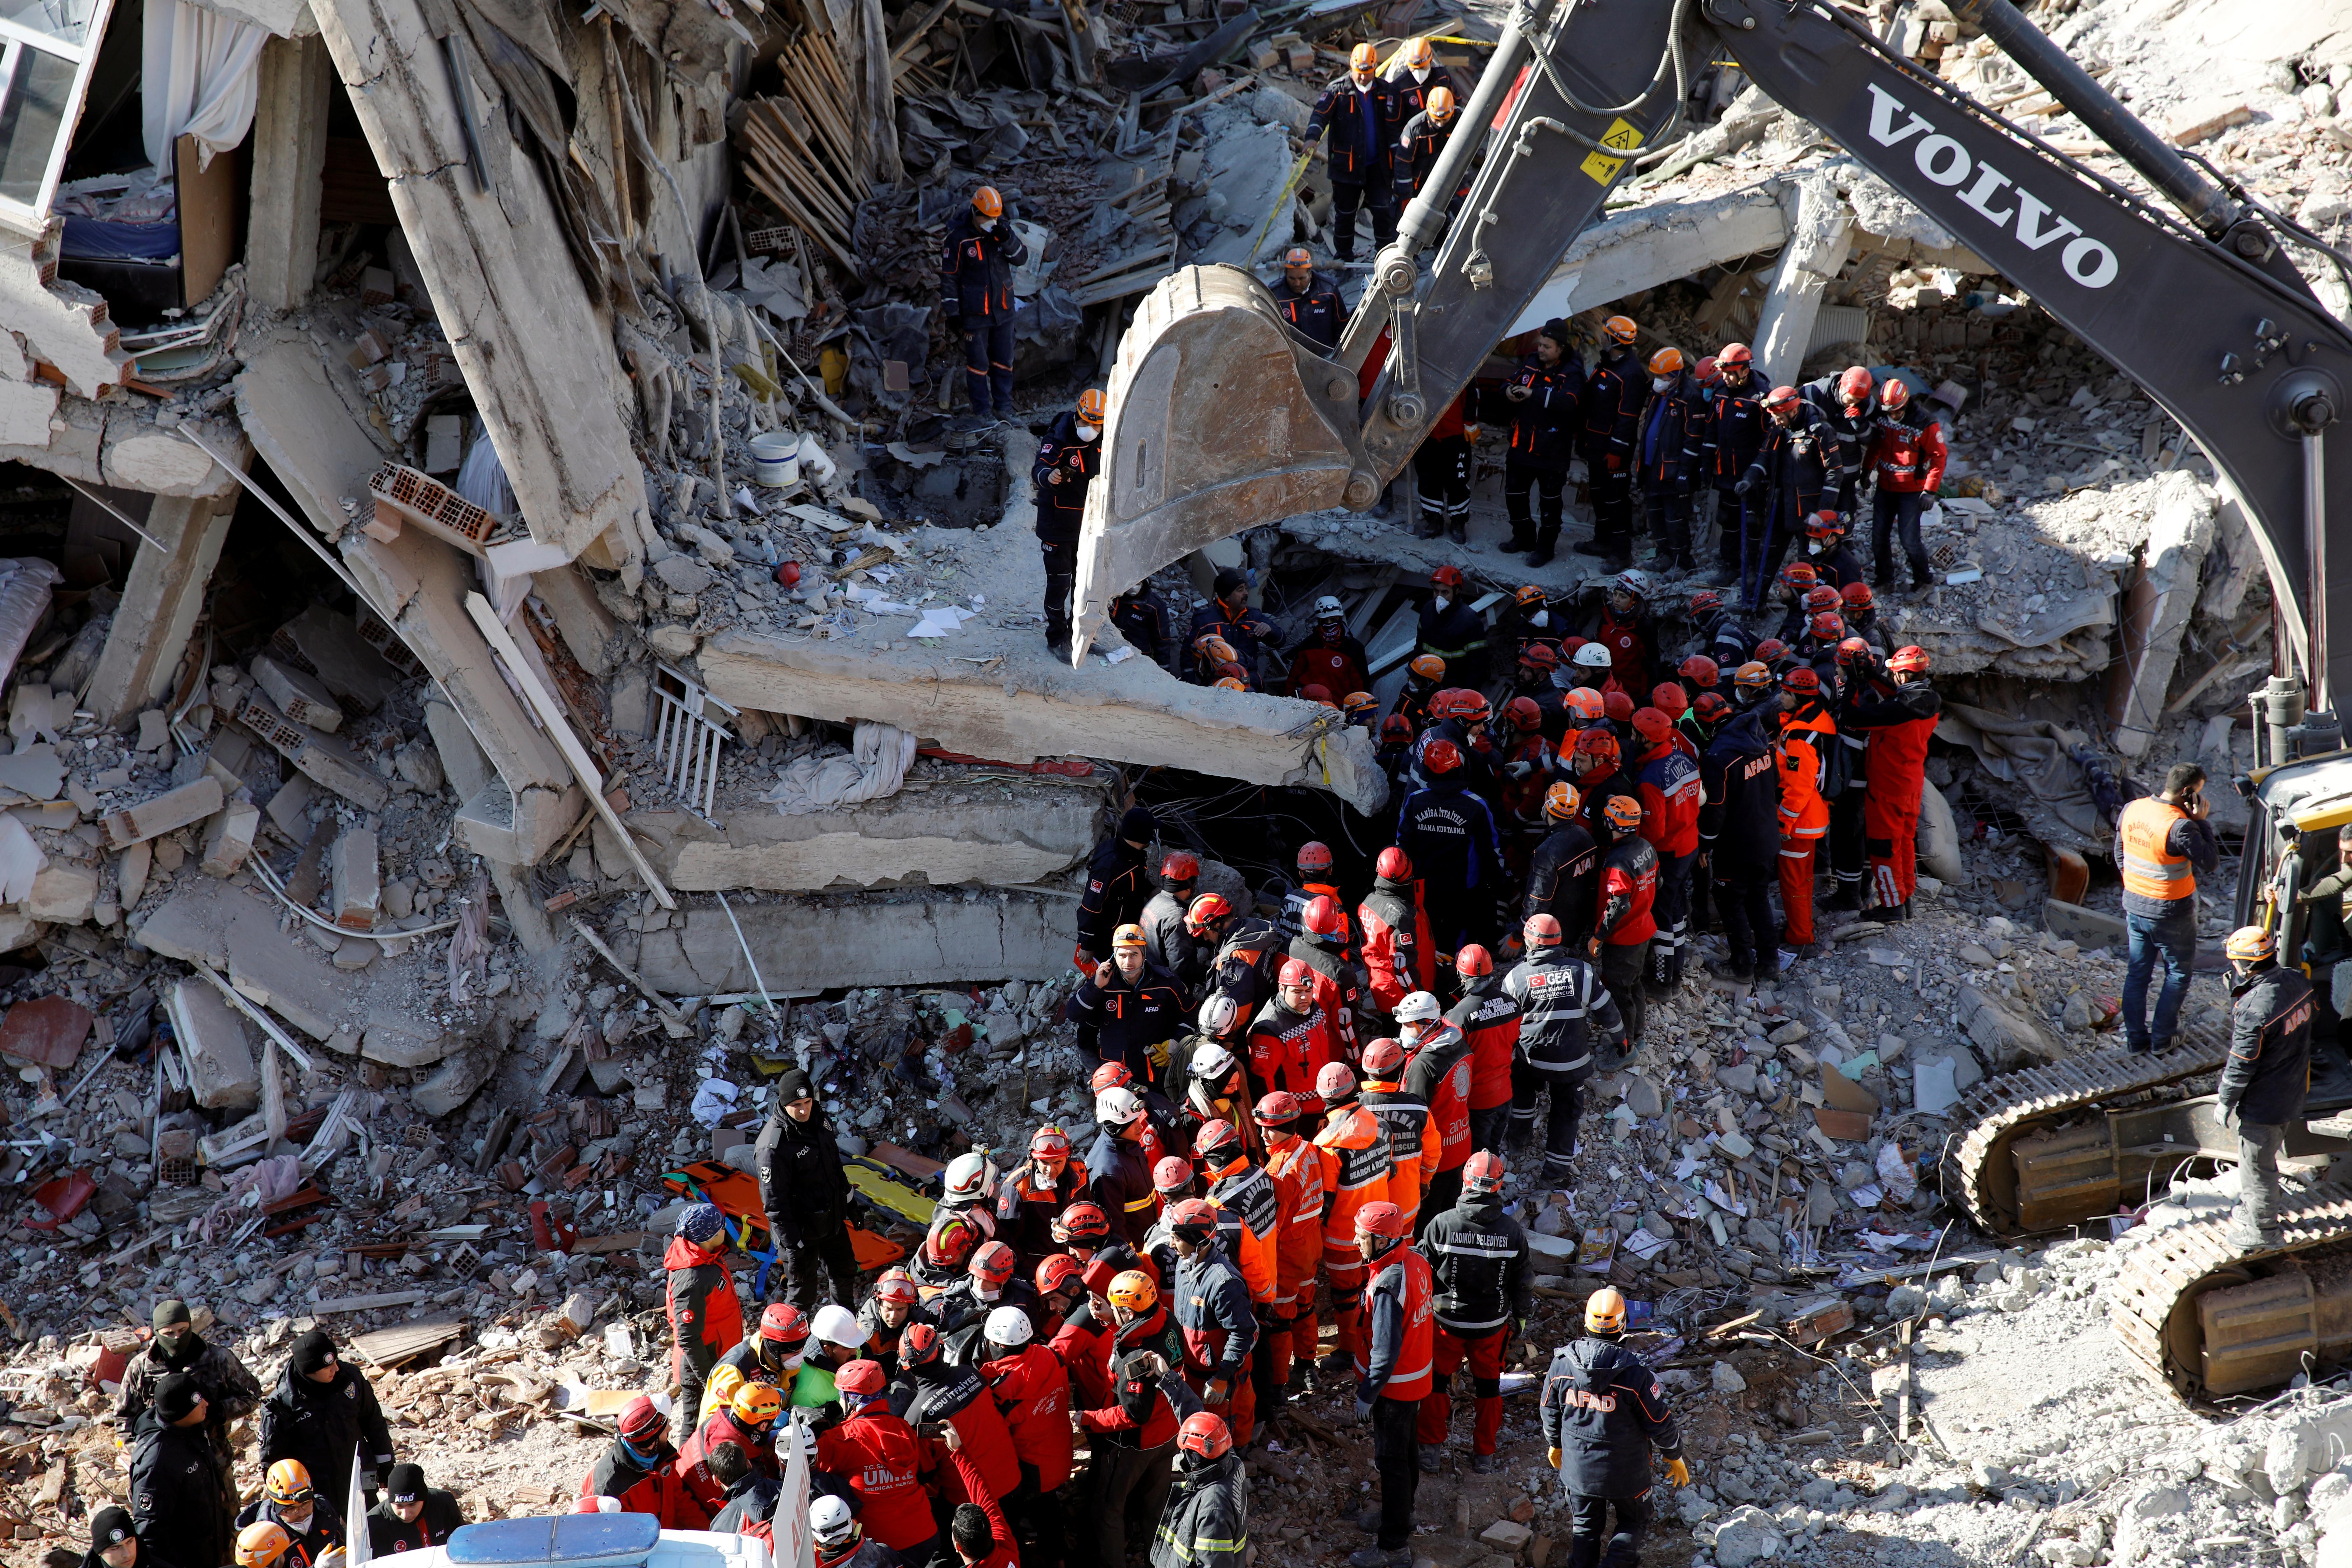 Σεισμός στην Τουρκία: Εξανεμίζονται οι ελπίδες για τον εντοπισμό επιζώντων [Pics]